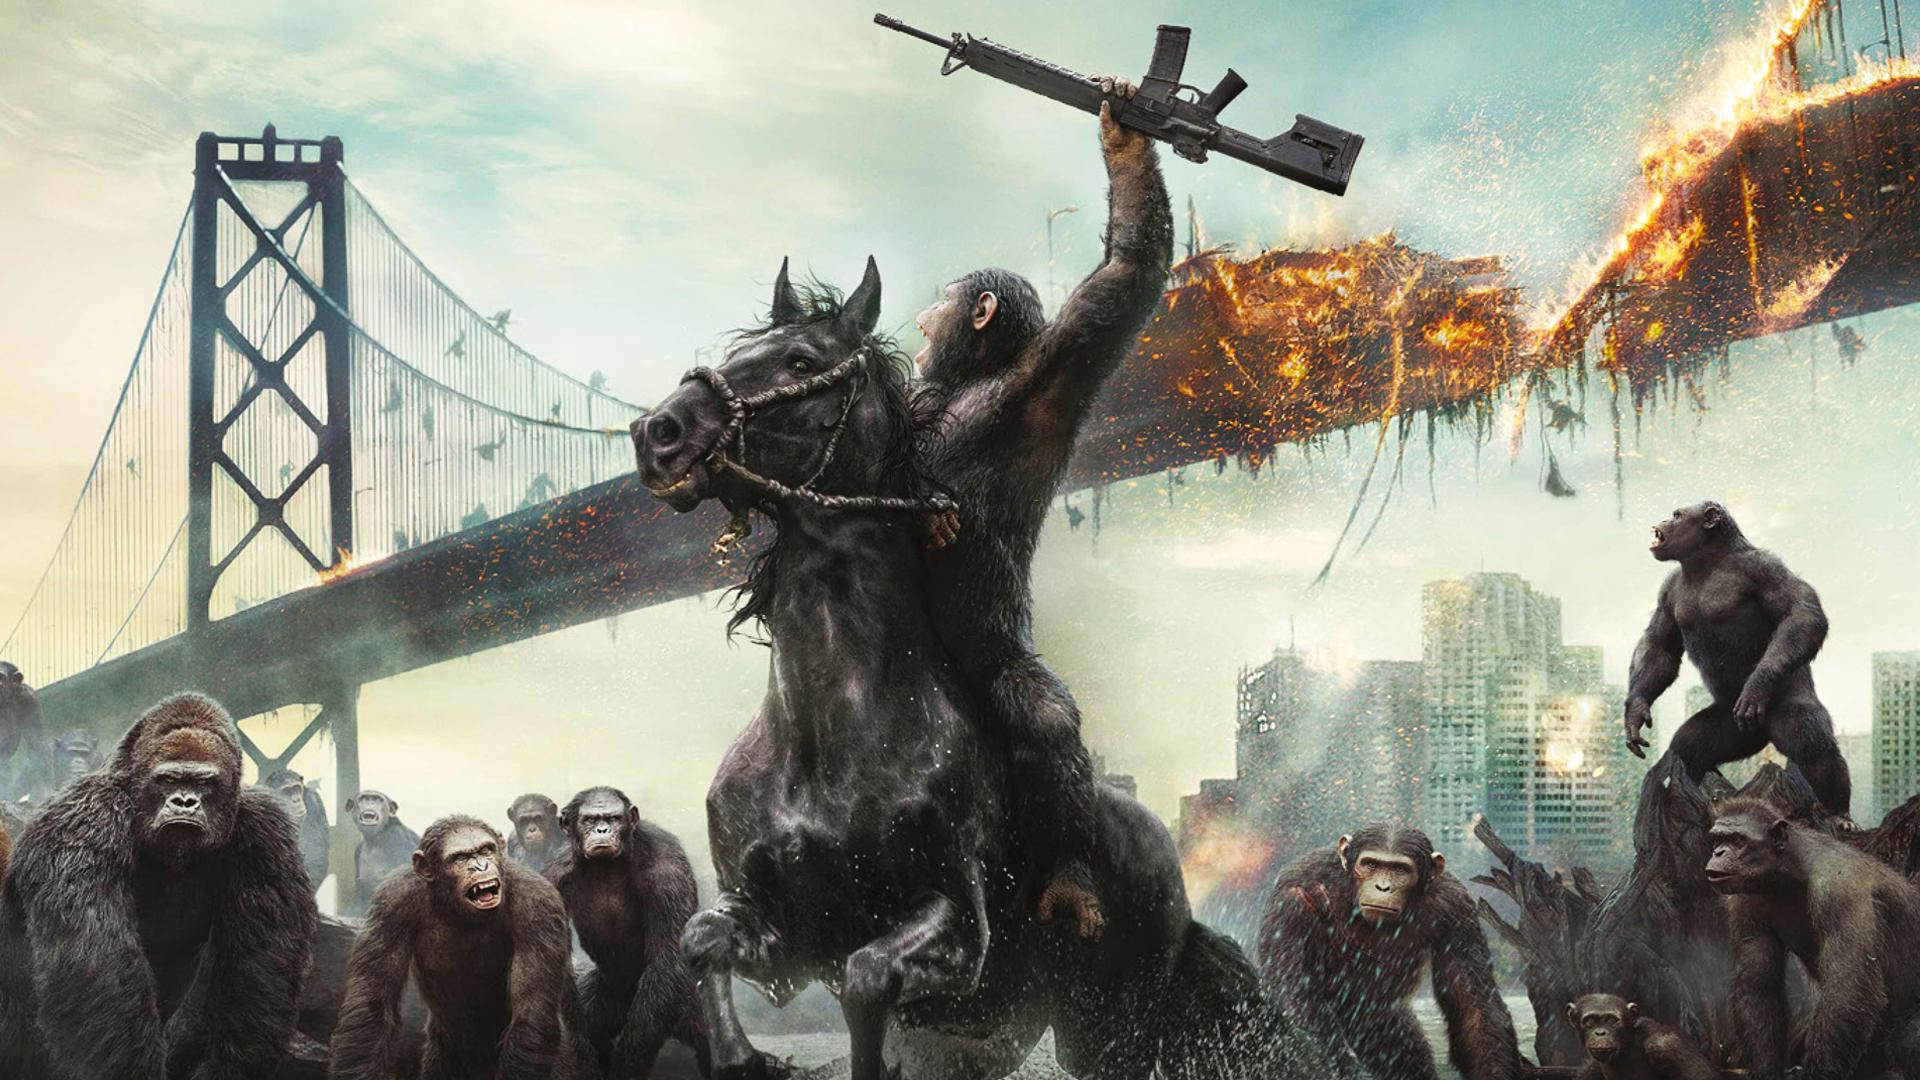 🐒The Great Monkey War Has Begun